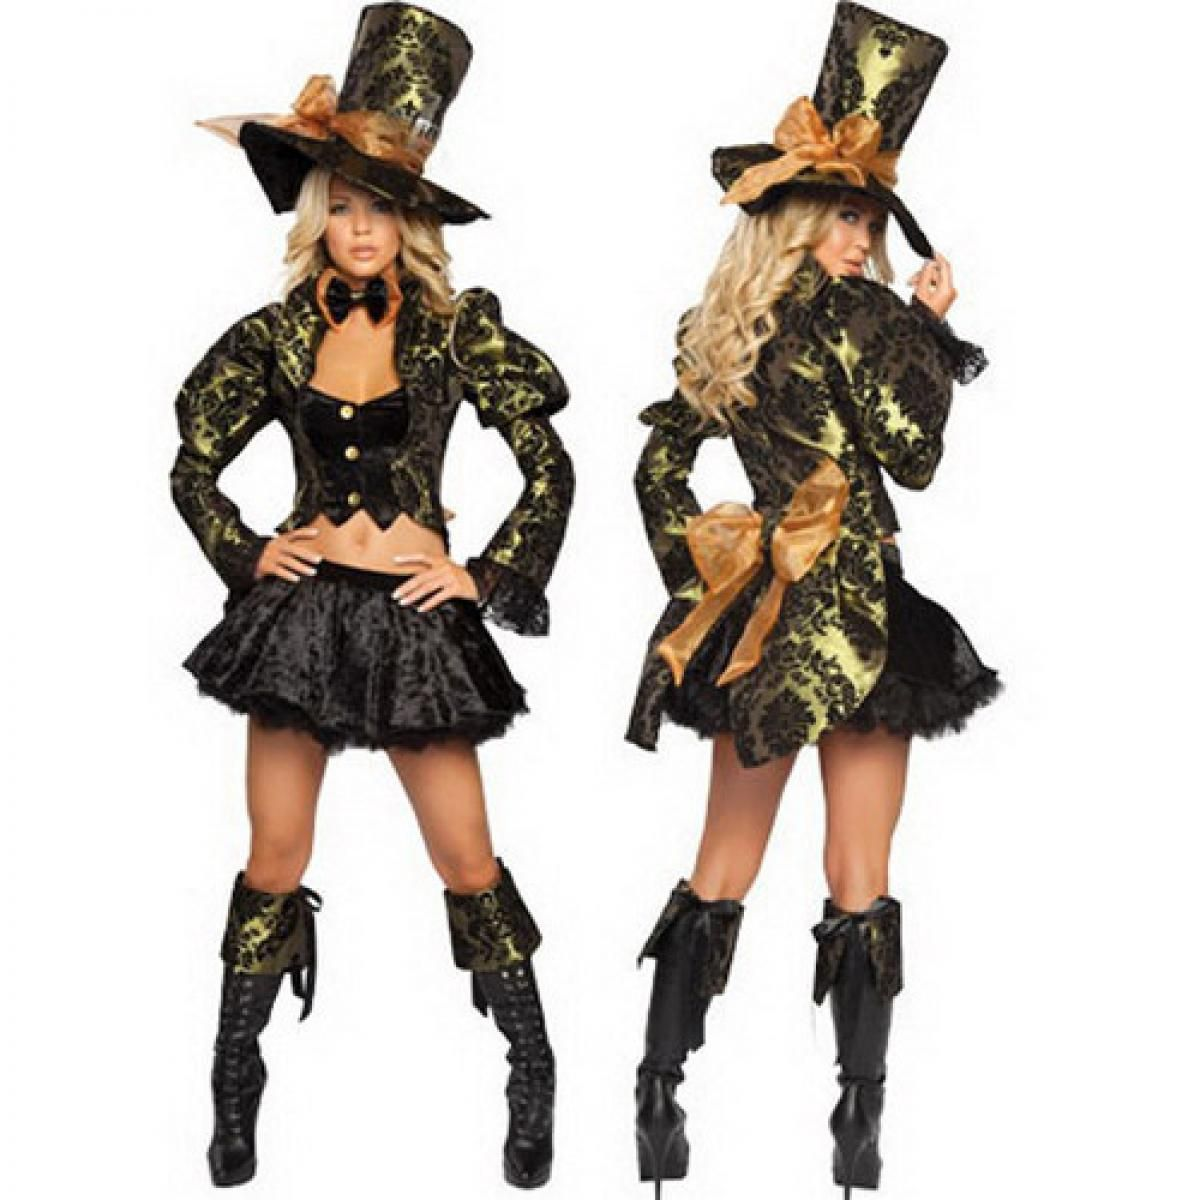 Alice In Wonderland Costume, Wonderland